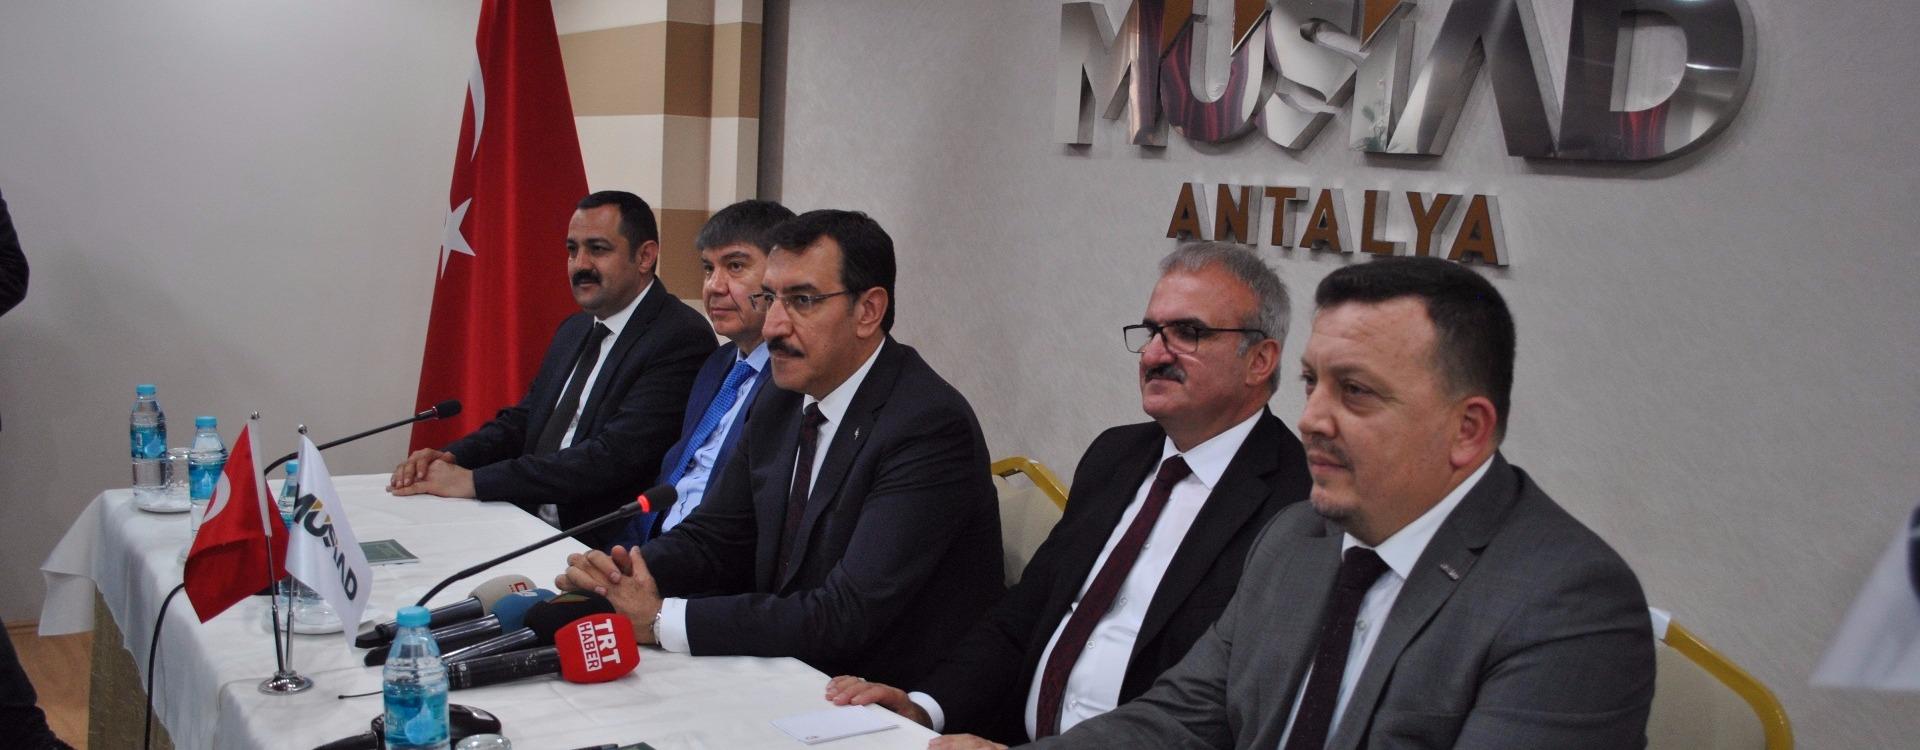 Müsiad Antalya